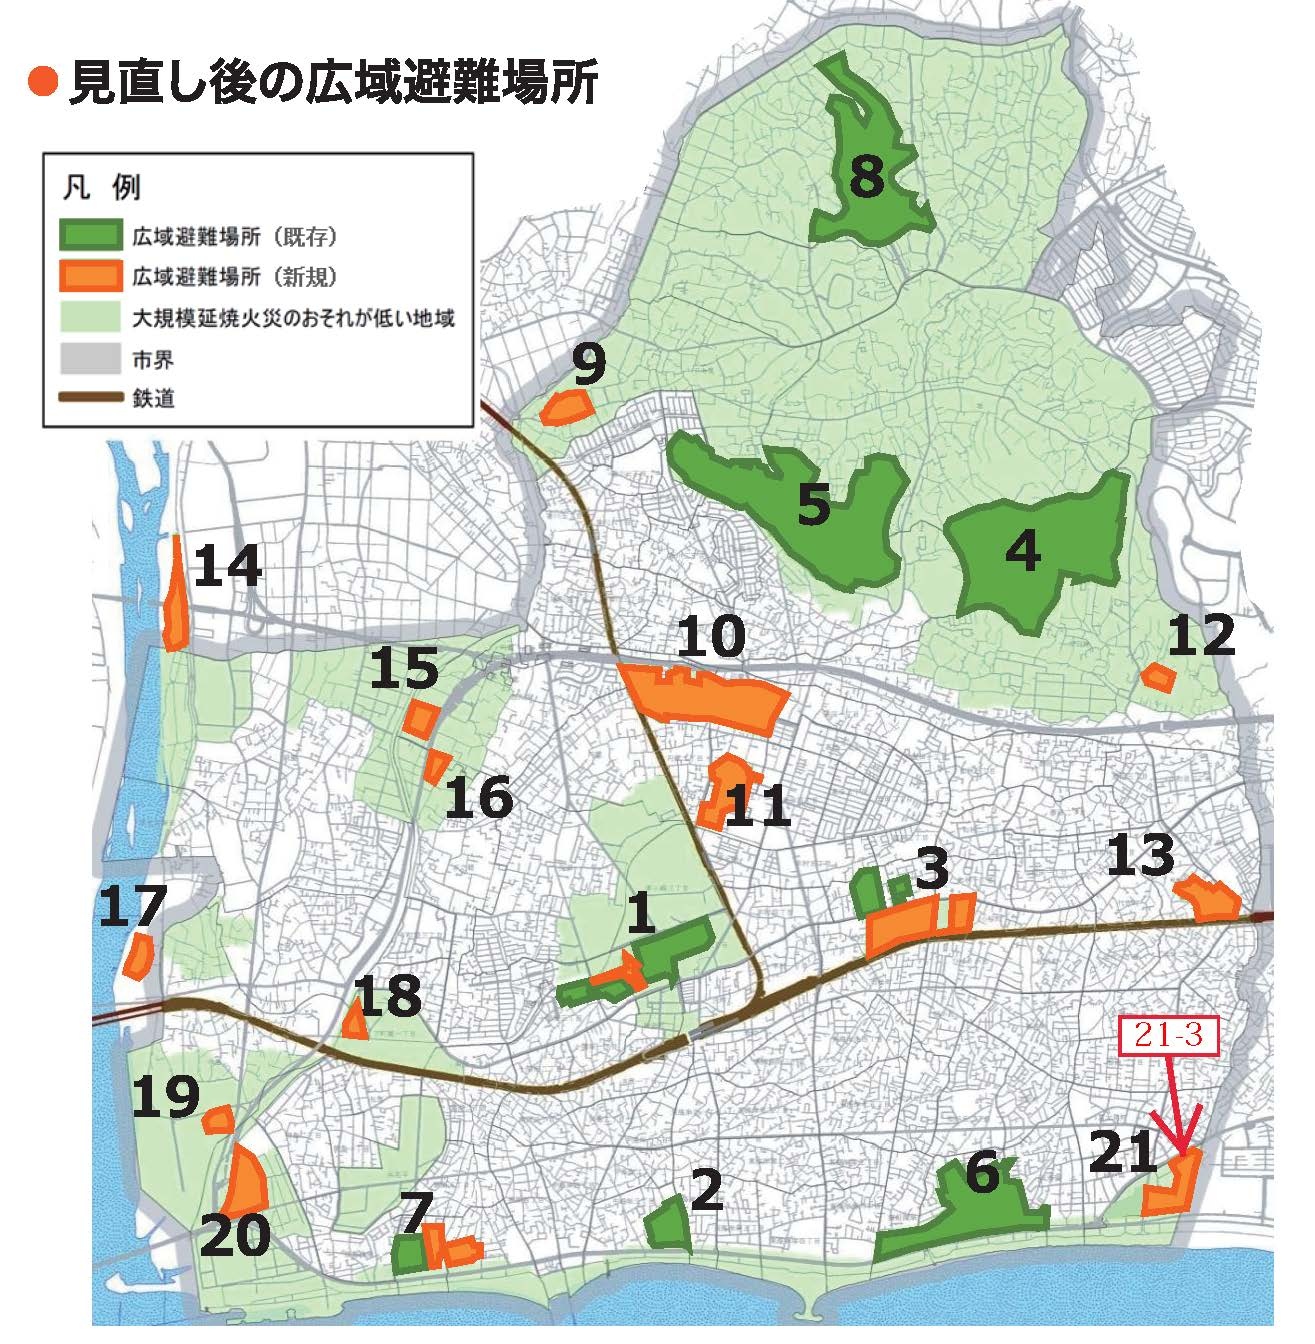 21-3.広域避難場所_茅ヶ崎市地図